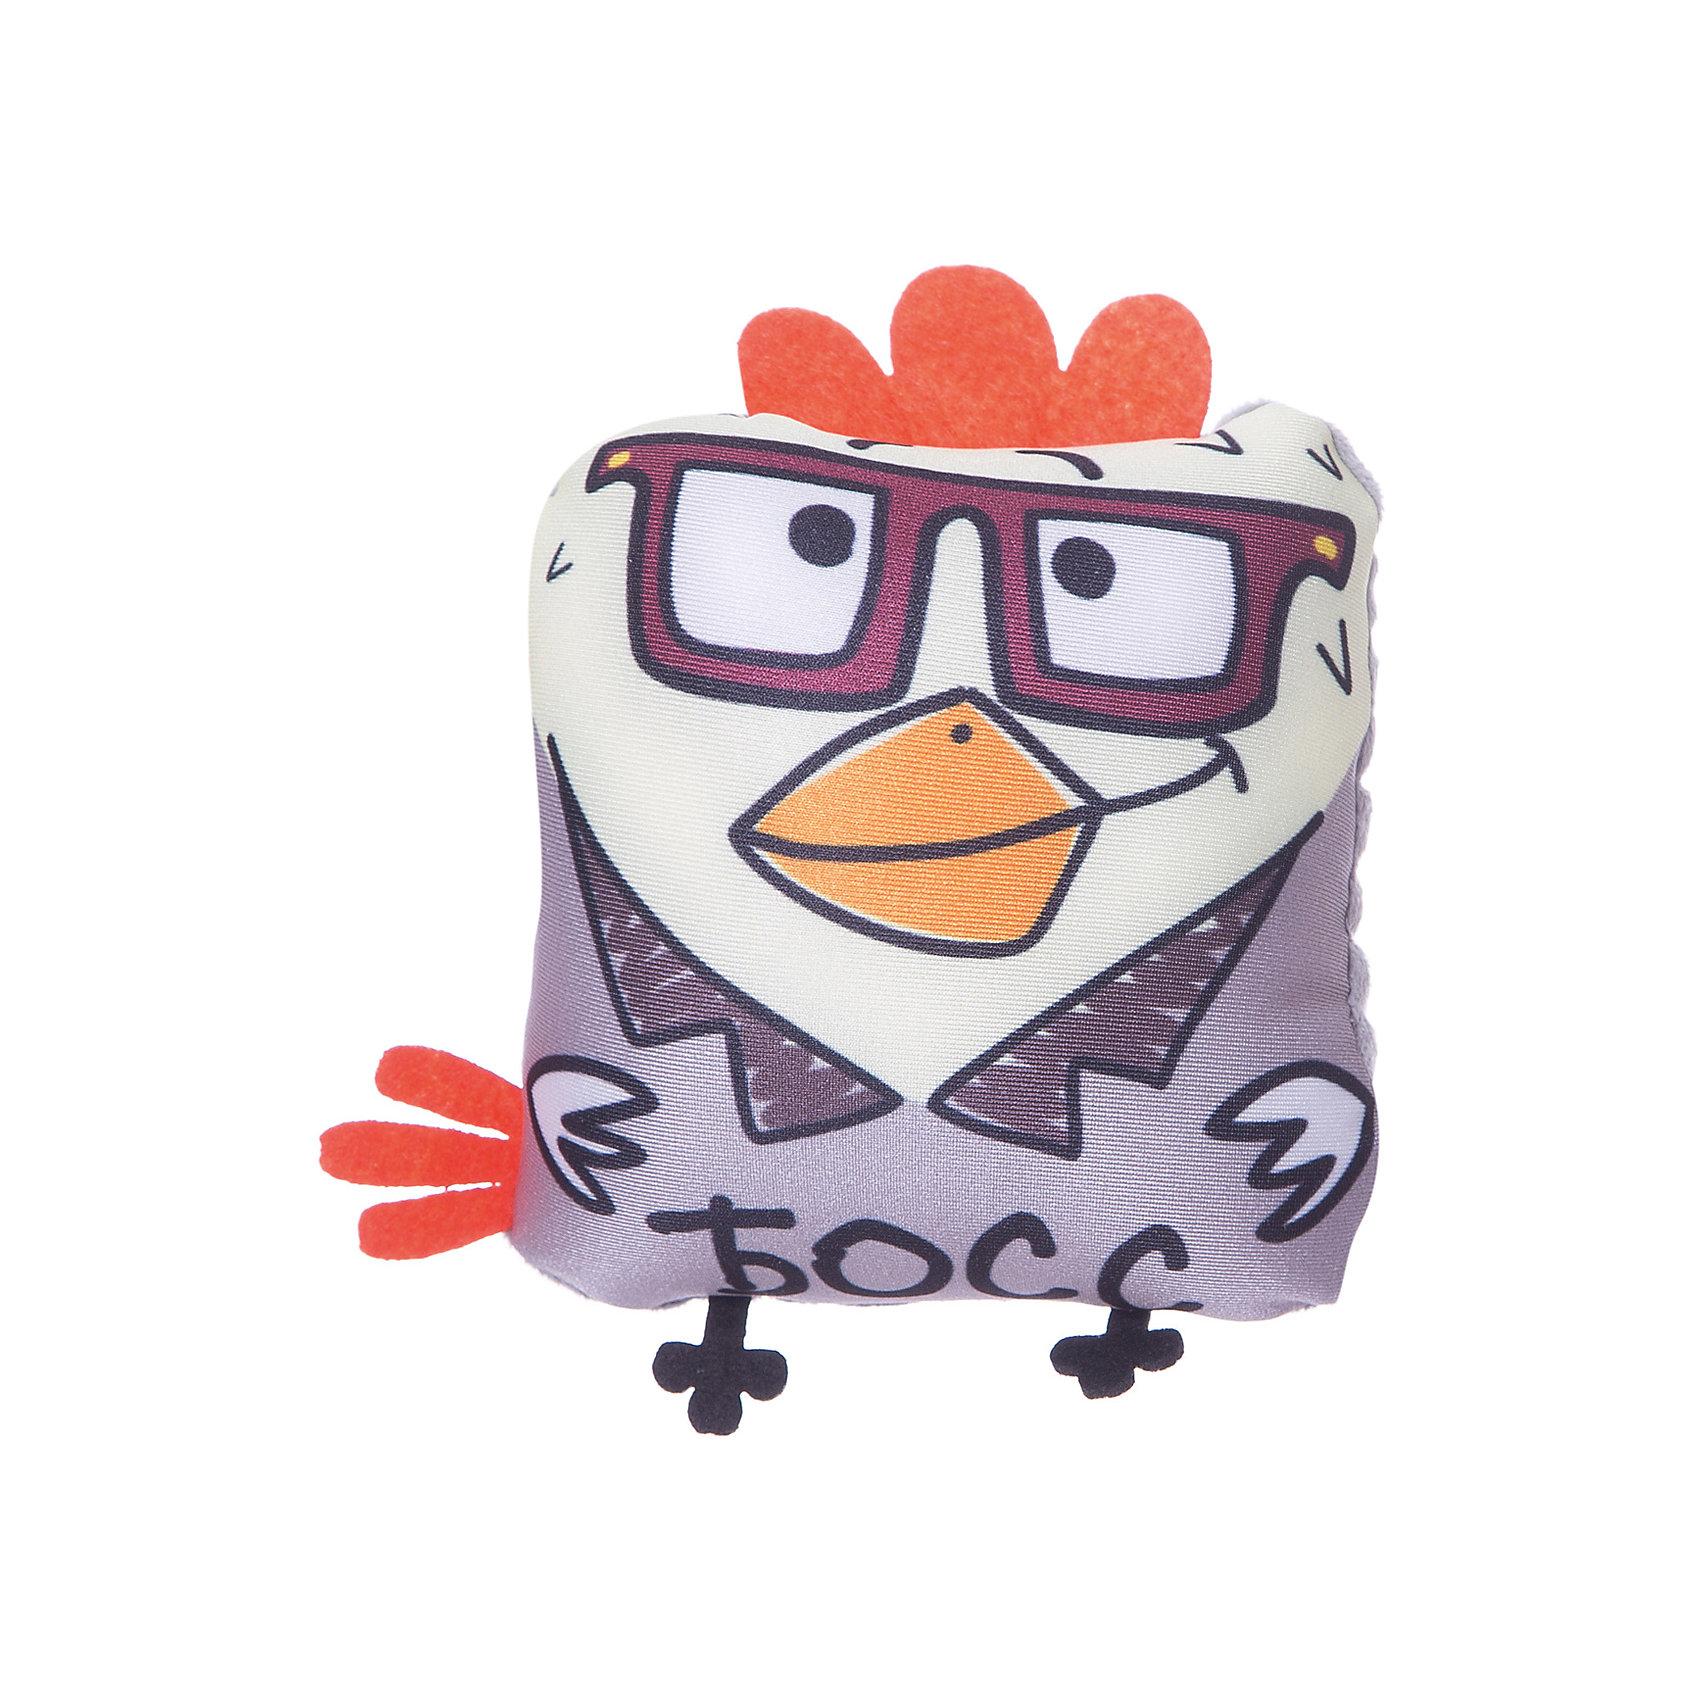 Подушка Петух Босс, СмолТойс, серыйДомашний текстиль<br>Эта мягкая игрушка не может не вызывать улыбку! Думаете, что подарить на Новый год или другой праздник? Подарите этого мягкого петуха! Символ 2017 года выглядит очень симпатично. Такая игрушка понравится и детям и взрослым!<br>Игрушка приятная на ощупь. Внутри предмет заполнен мягким наполнителем. Петух может стать украшением интерьера, так как похож на подушку. Произведена игрушка из качественных и безопасных для здоровья детей материалов.<br><br>Дополнительная информация:<br><br>цвет: разноцветный;<br>материал: текстиль, синтепон;<br>высота: 15 см.<br><br>Подушку Петух Босс можно купить в нашем магазине.<br><br>Ширина мм: 6<br>Глубина мм: 13<br>Высота мм: 13<br>Вес г: 30<br>Возраст от месяцев: 36<br>Возраст до месяцев: 1188<br>Пол: Унисекс<br>Возраст: Детский<br>SKU: 4996604